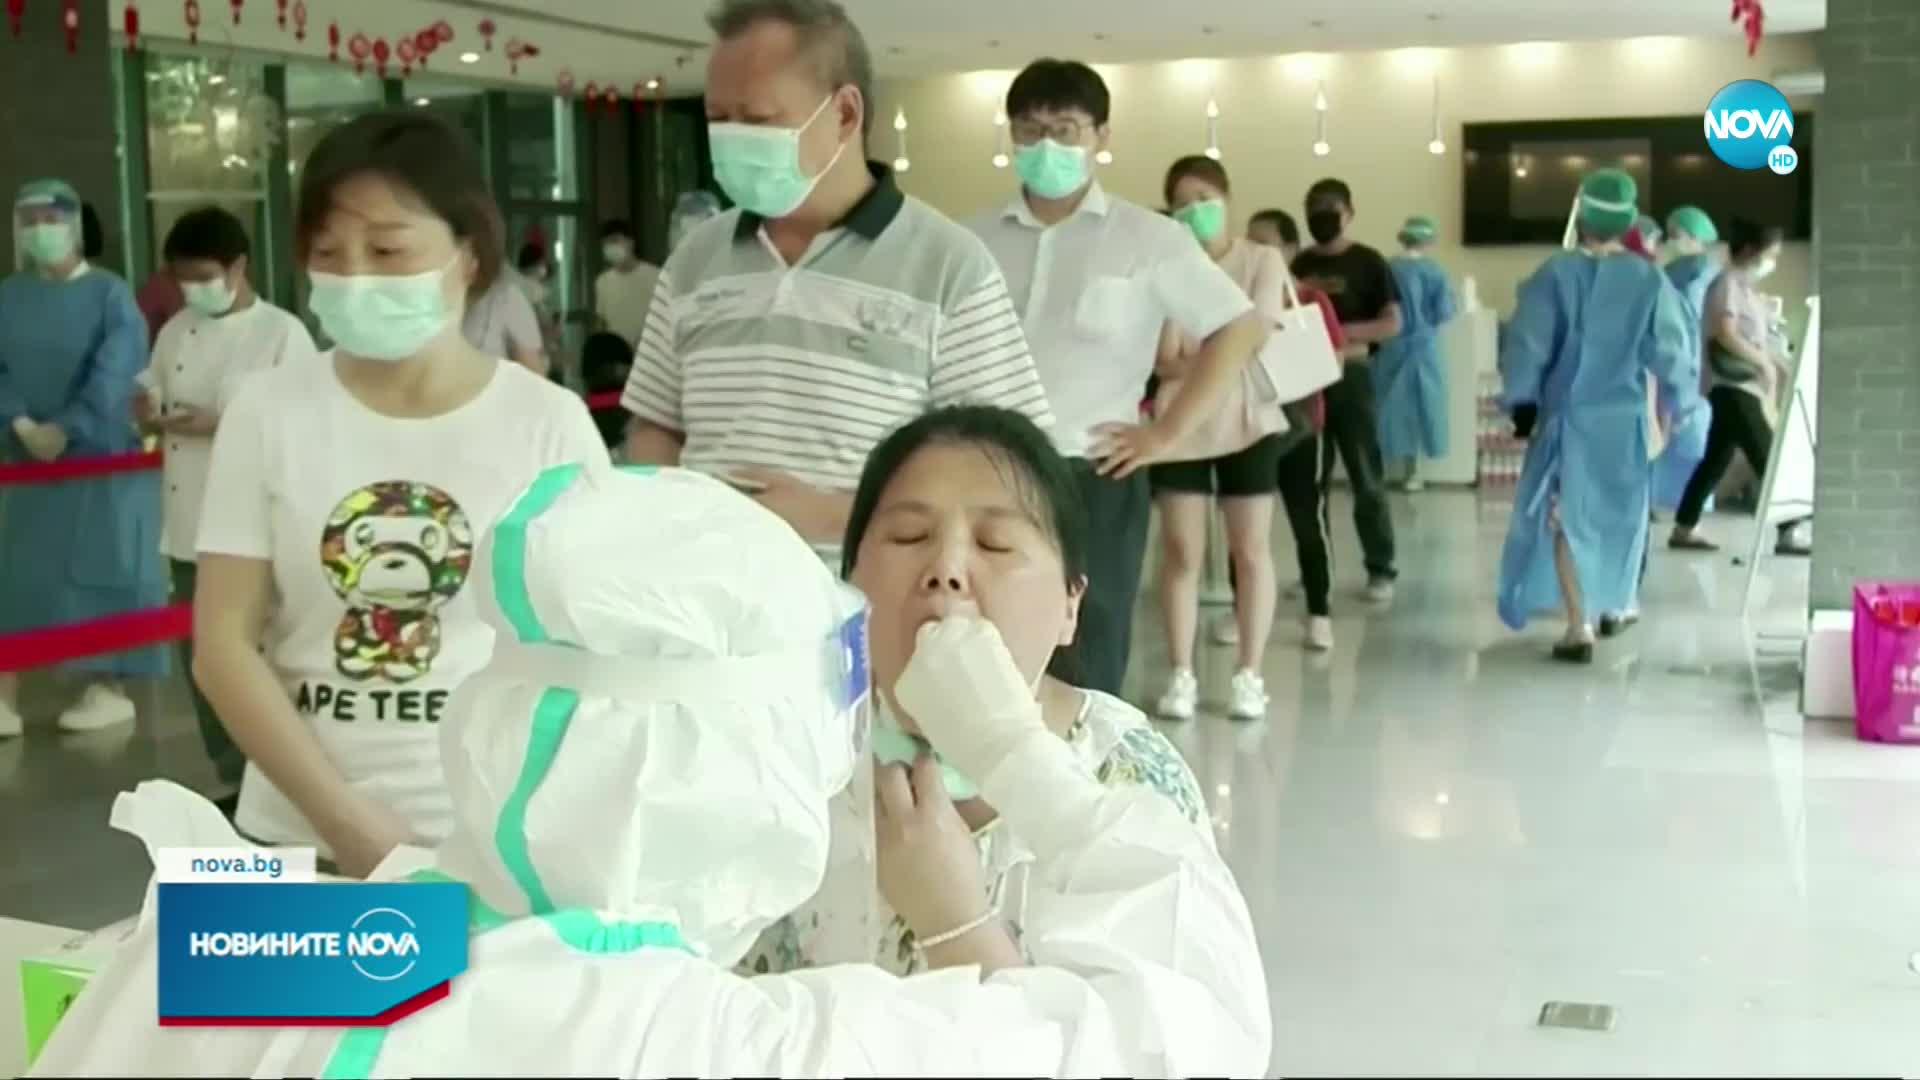 Драстични мерки в Китай след нарастване броя на заразените с COVID-19